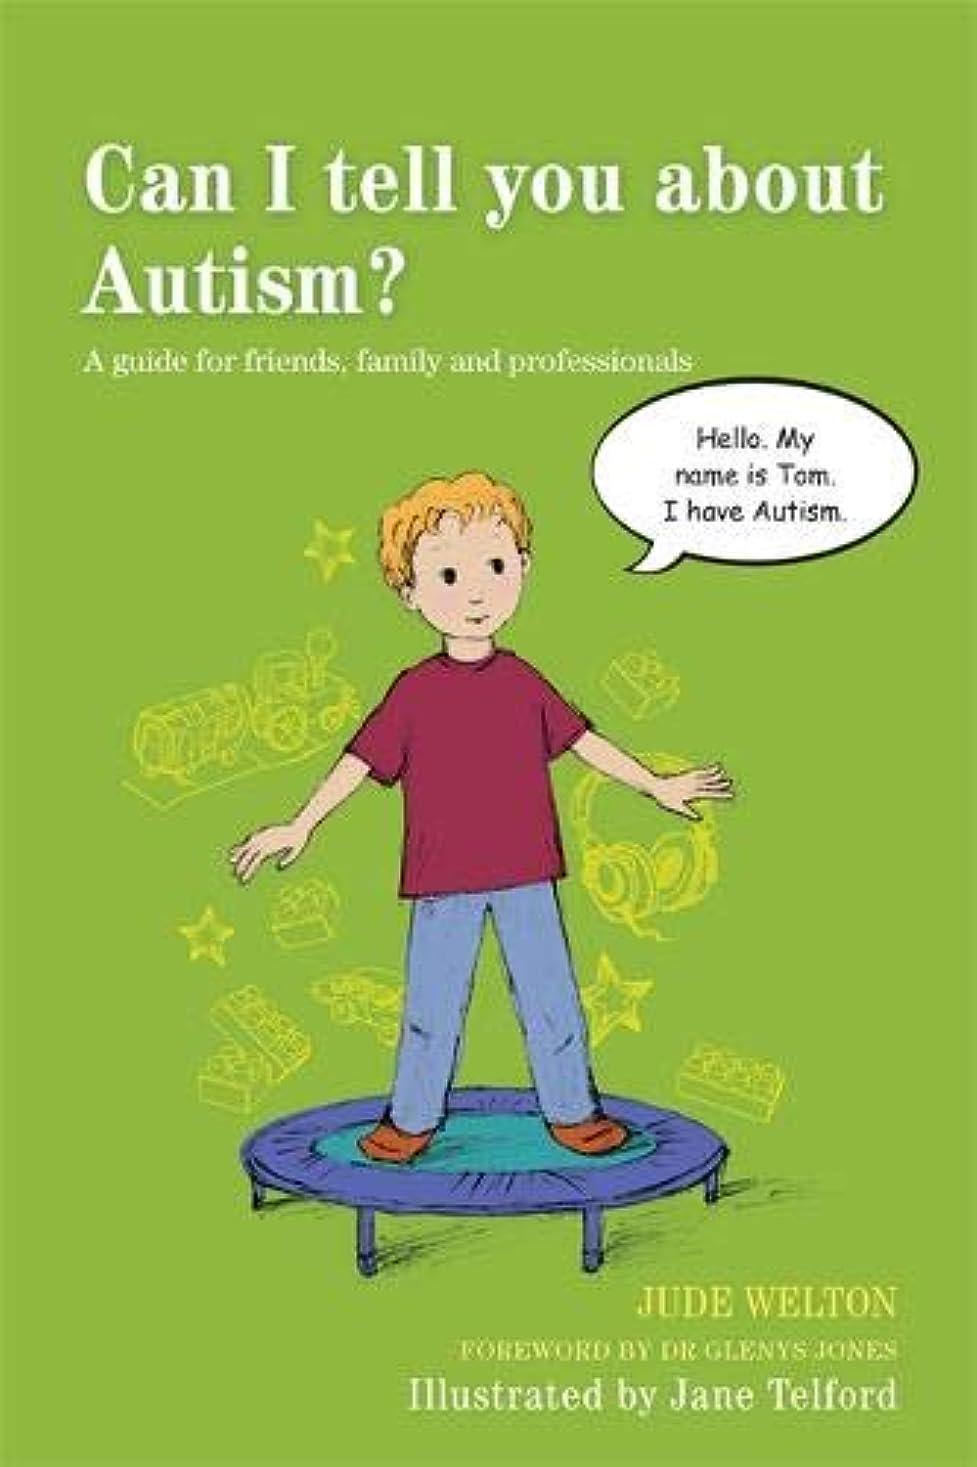 アノイ技術的なに負けるCan I Tell You About Autism?: A Guide for Friends, Family and Professionals (Can I Tell You About...?)